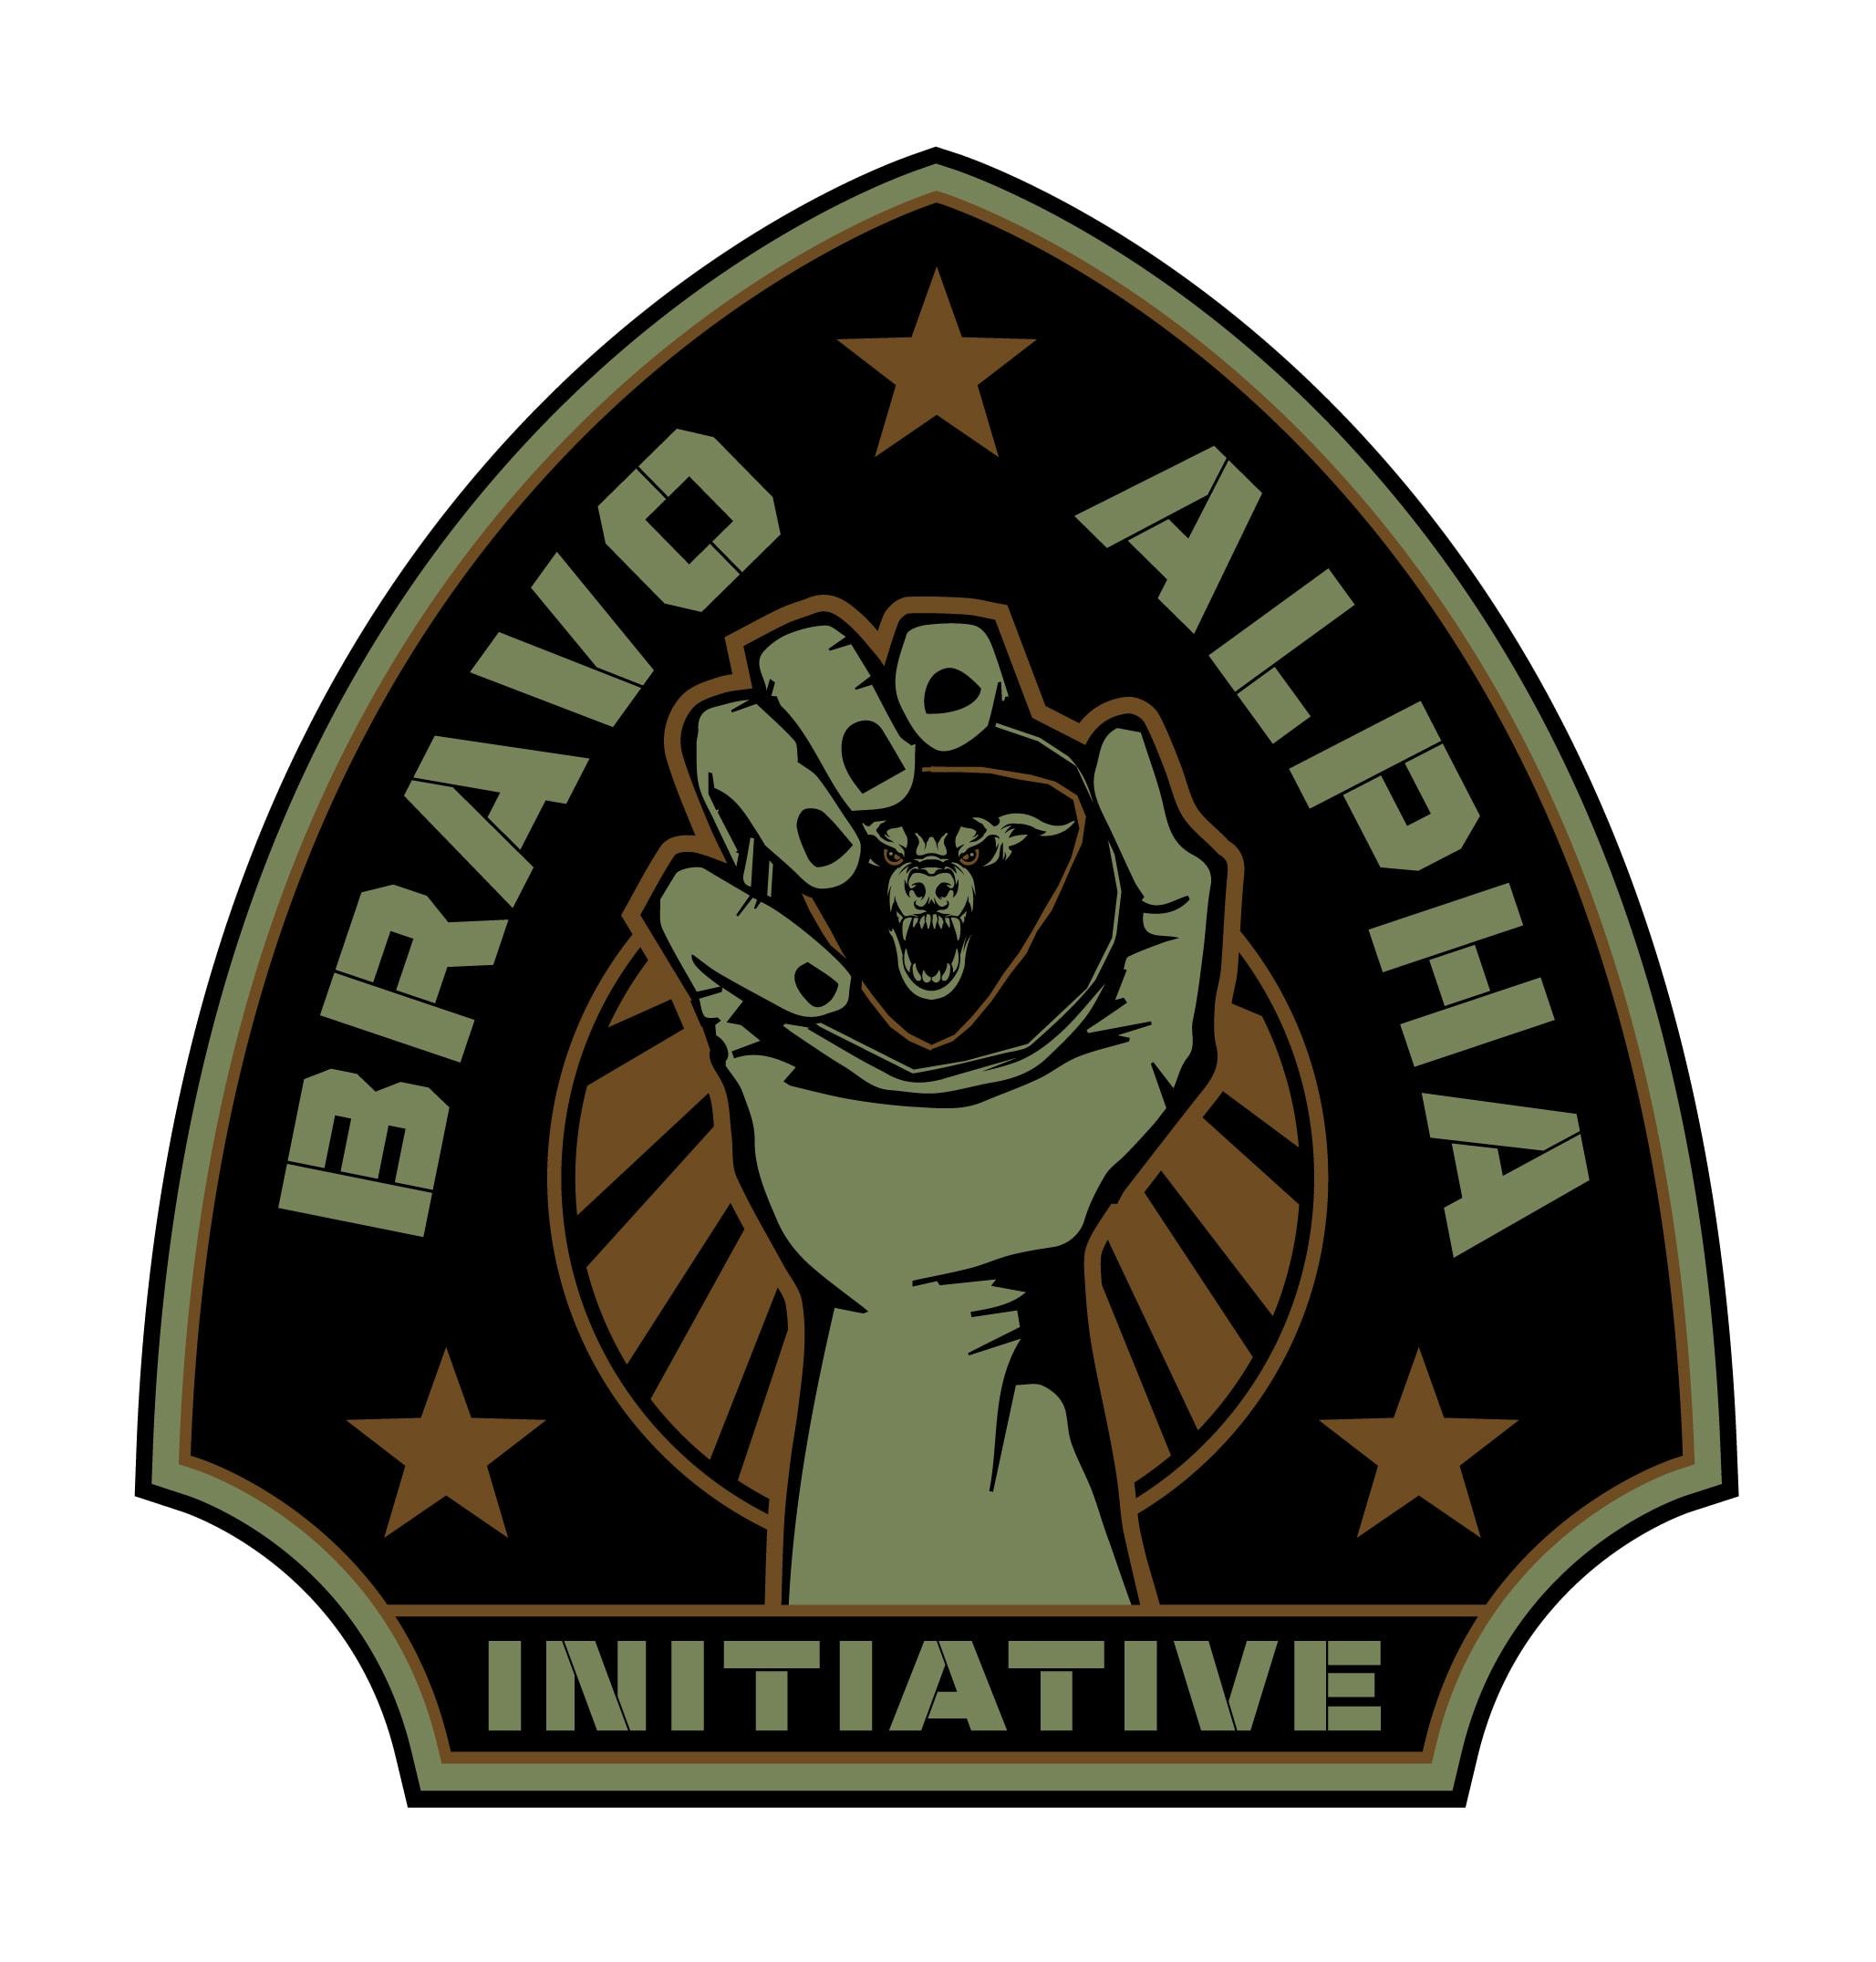 Bravo Alpha Initiative